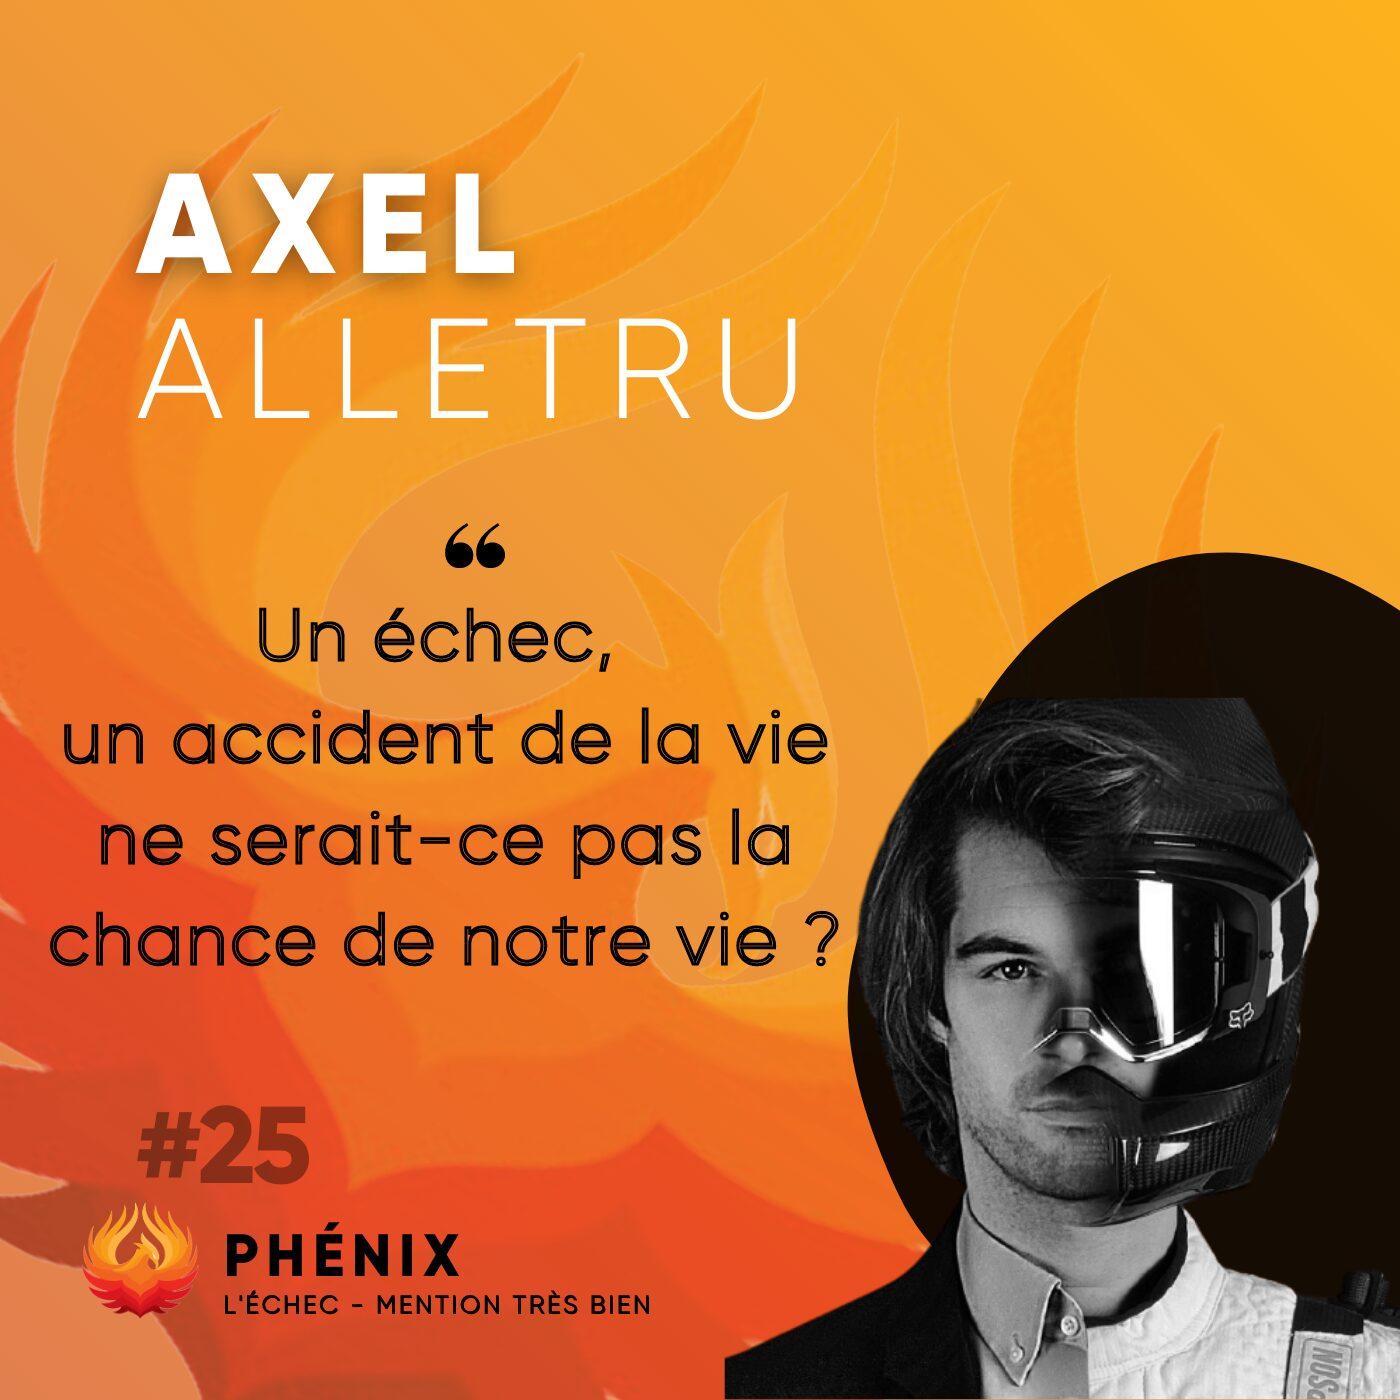 #25 🏆 - Axel Alletru : Un échec, un accident de la vie ne serait-ce pas la chance de notre vie ?